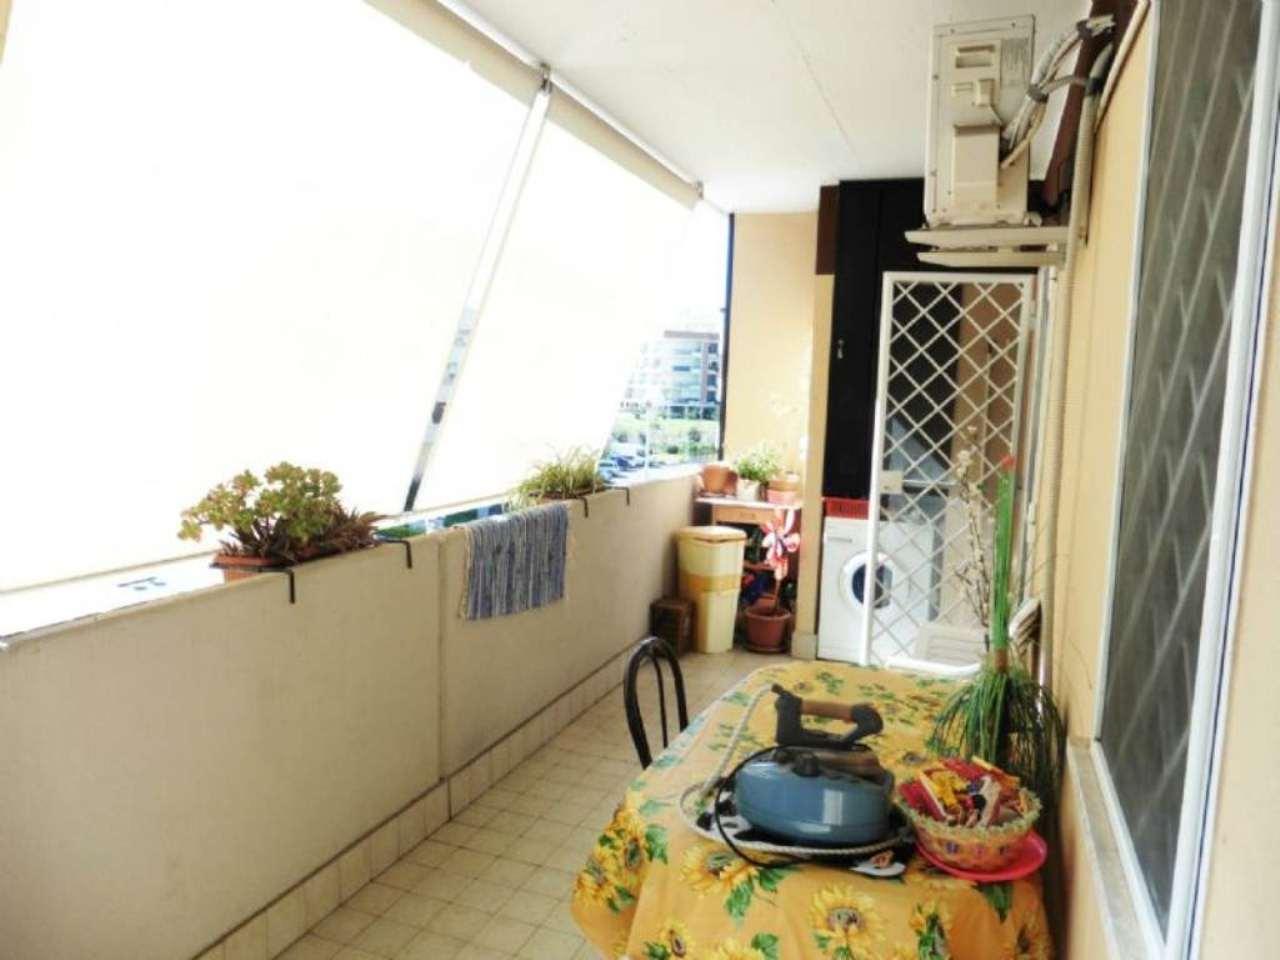 Appartamento in Vendita a Roma 16 Cinecitta' /  Don Bosco: 2 locali, 53 mq